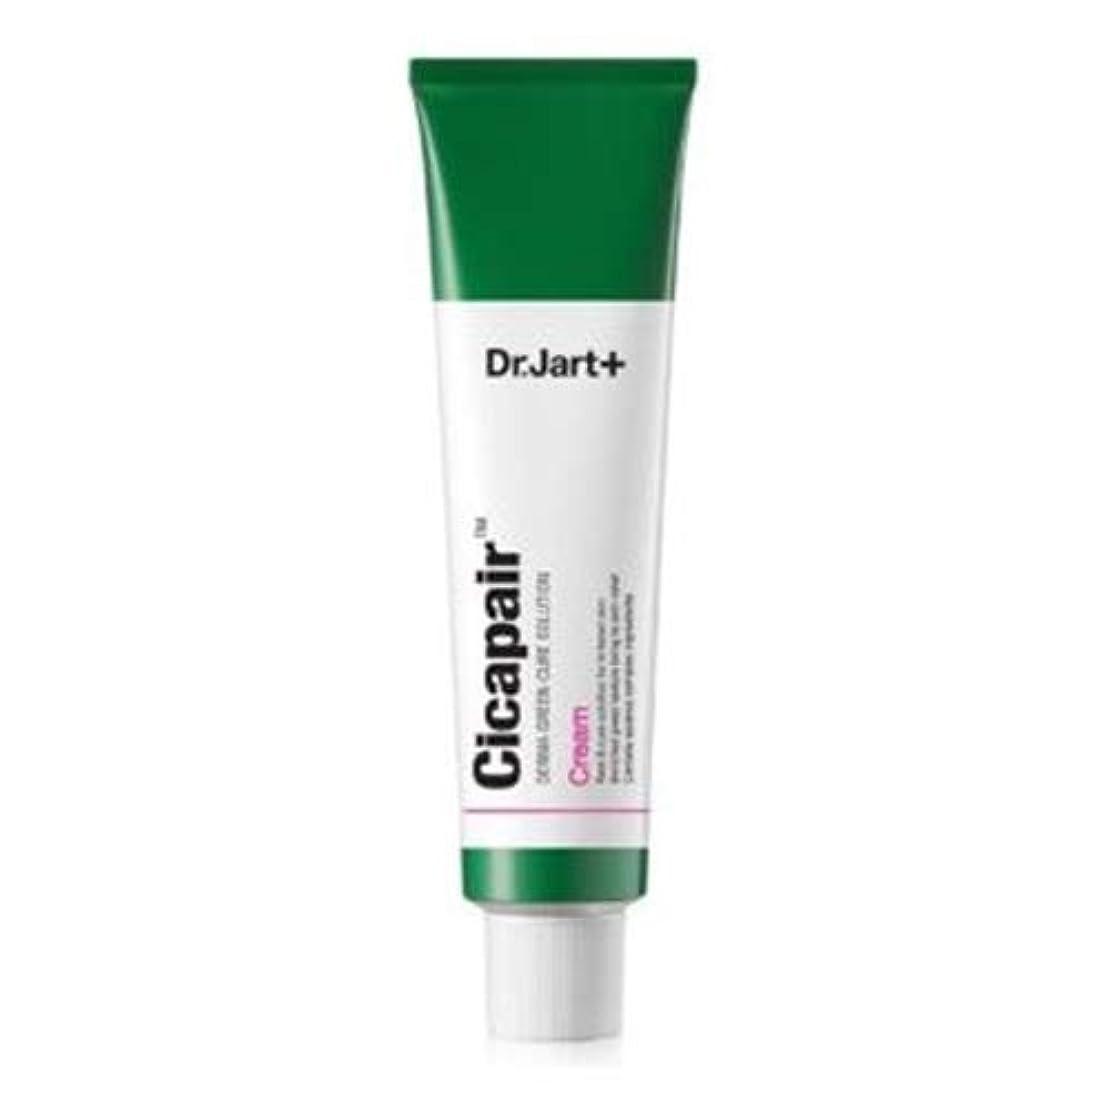 セマフォ鋼サンダル[Dr.Jart+ Cicapair Cream + ReCover] ドクタージャルトシカペアクリーム50mlとリカバーセット韓国直送 [並行輸入品]